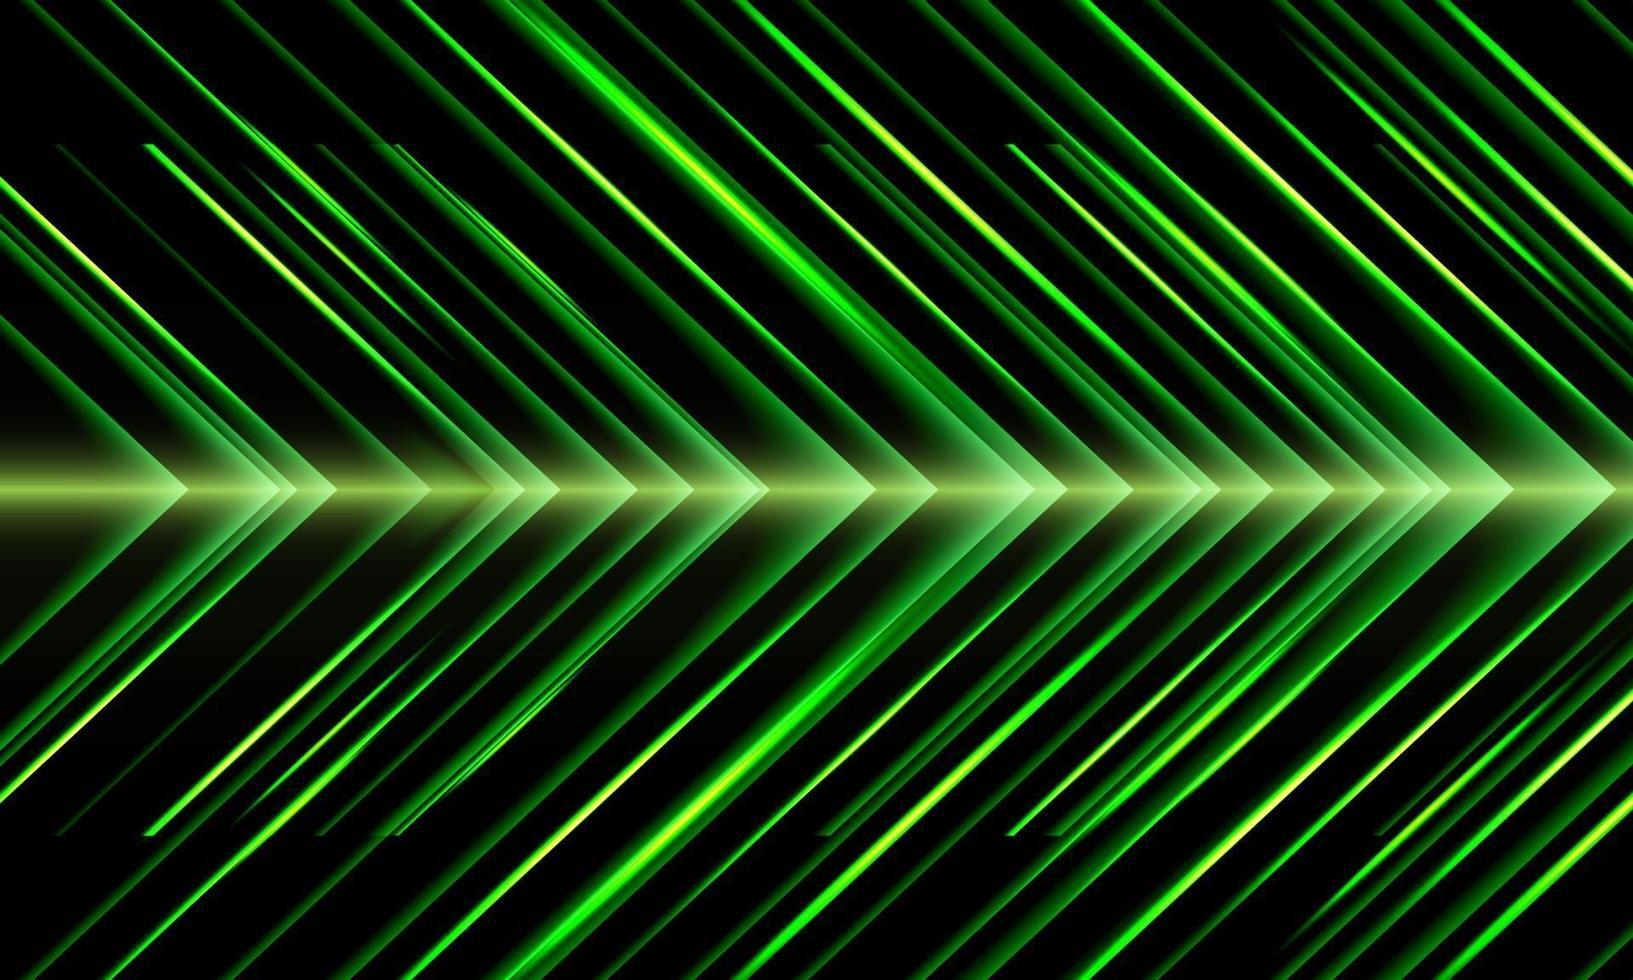 Resumen flecha verde luz dirección metálica velocidad patrón diseño moderno tecnología futurista fondo vector ilustración.